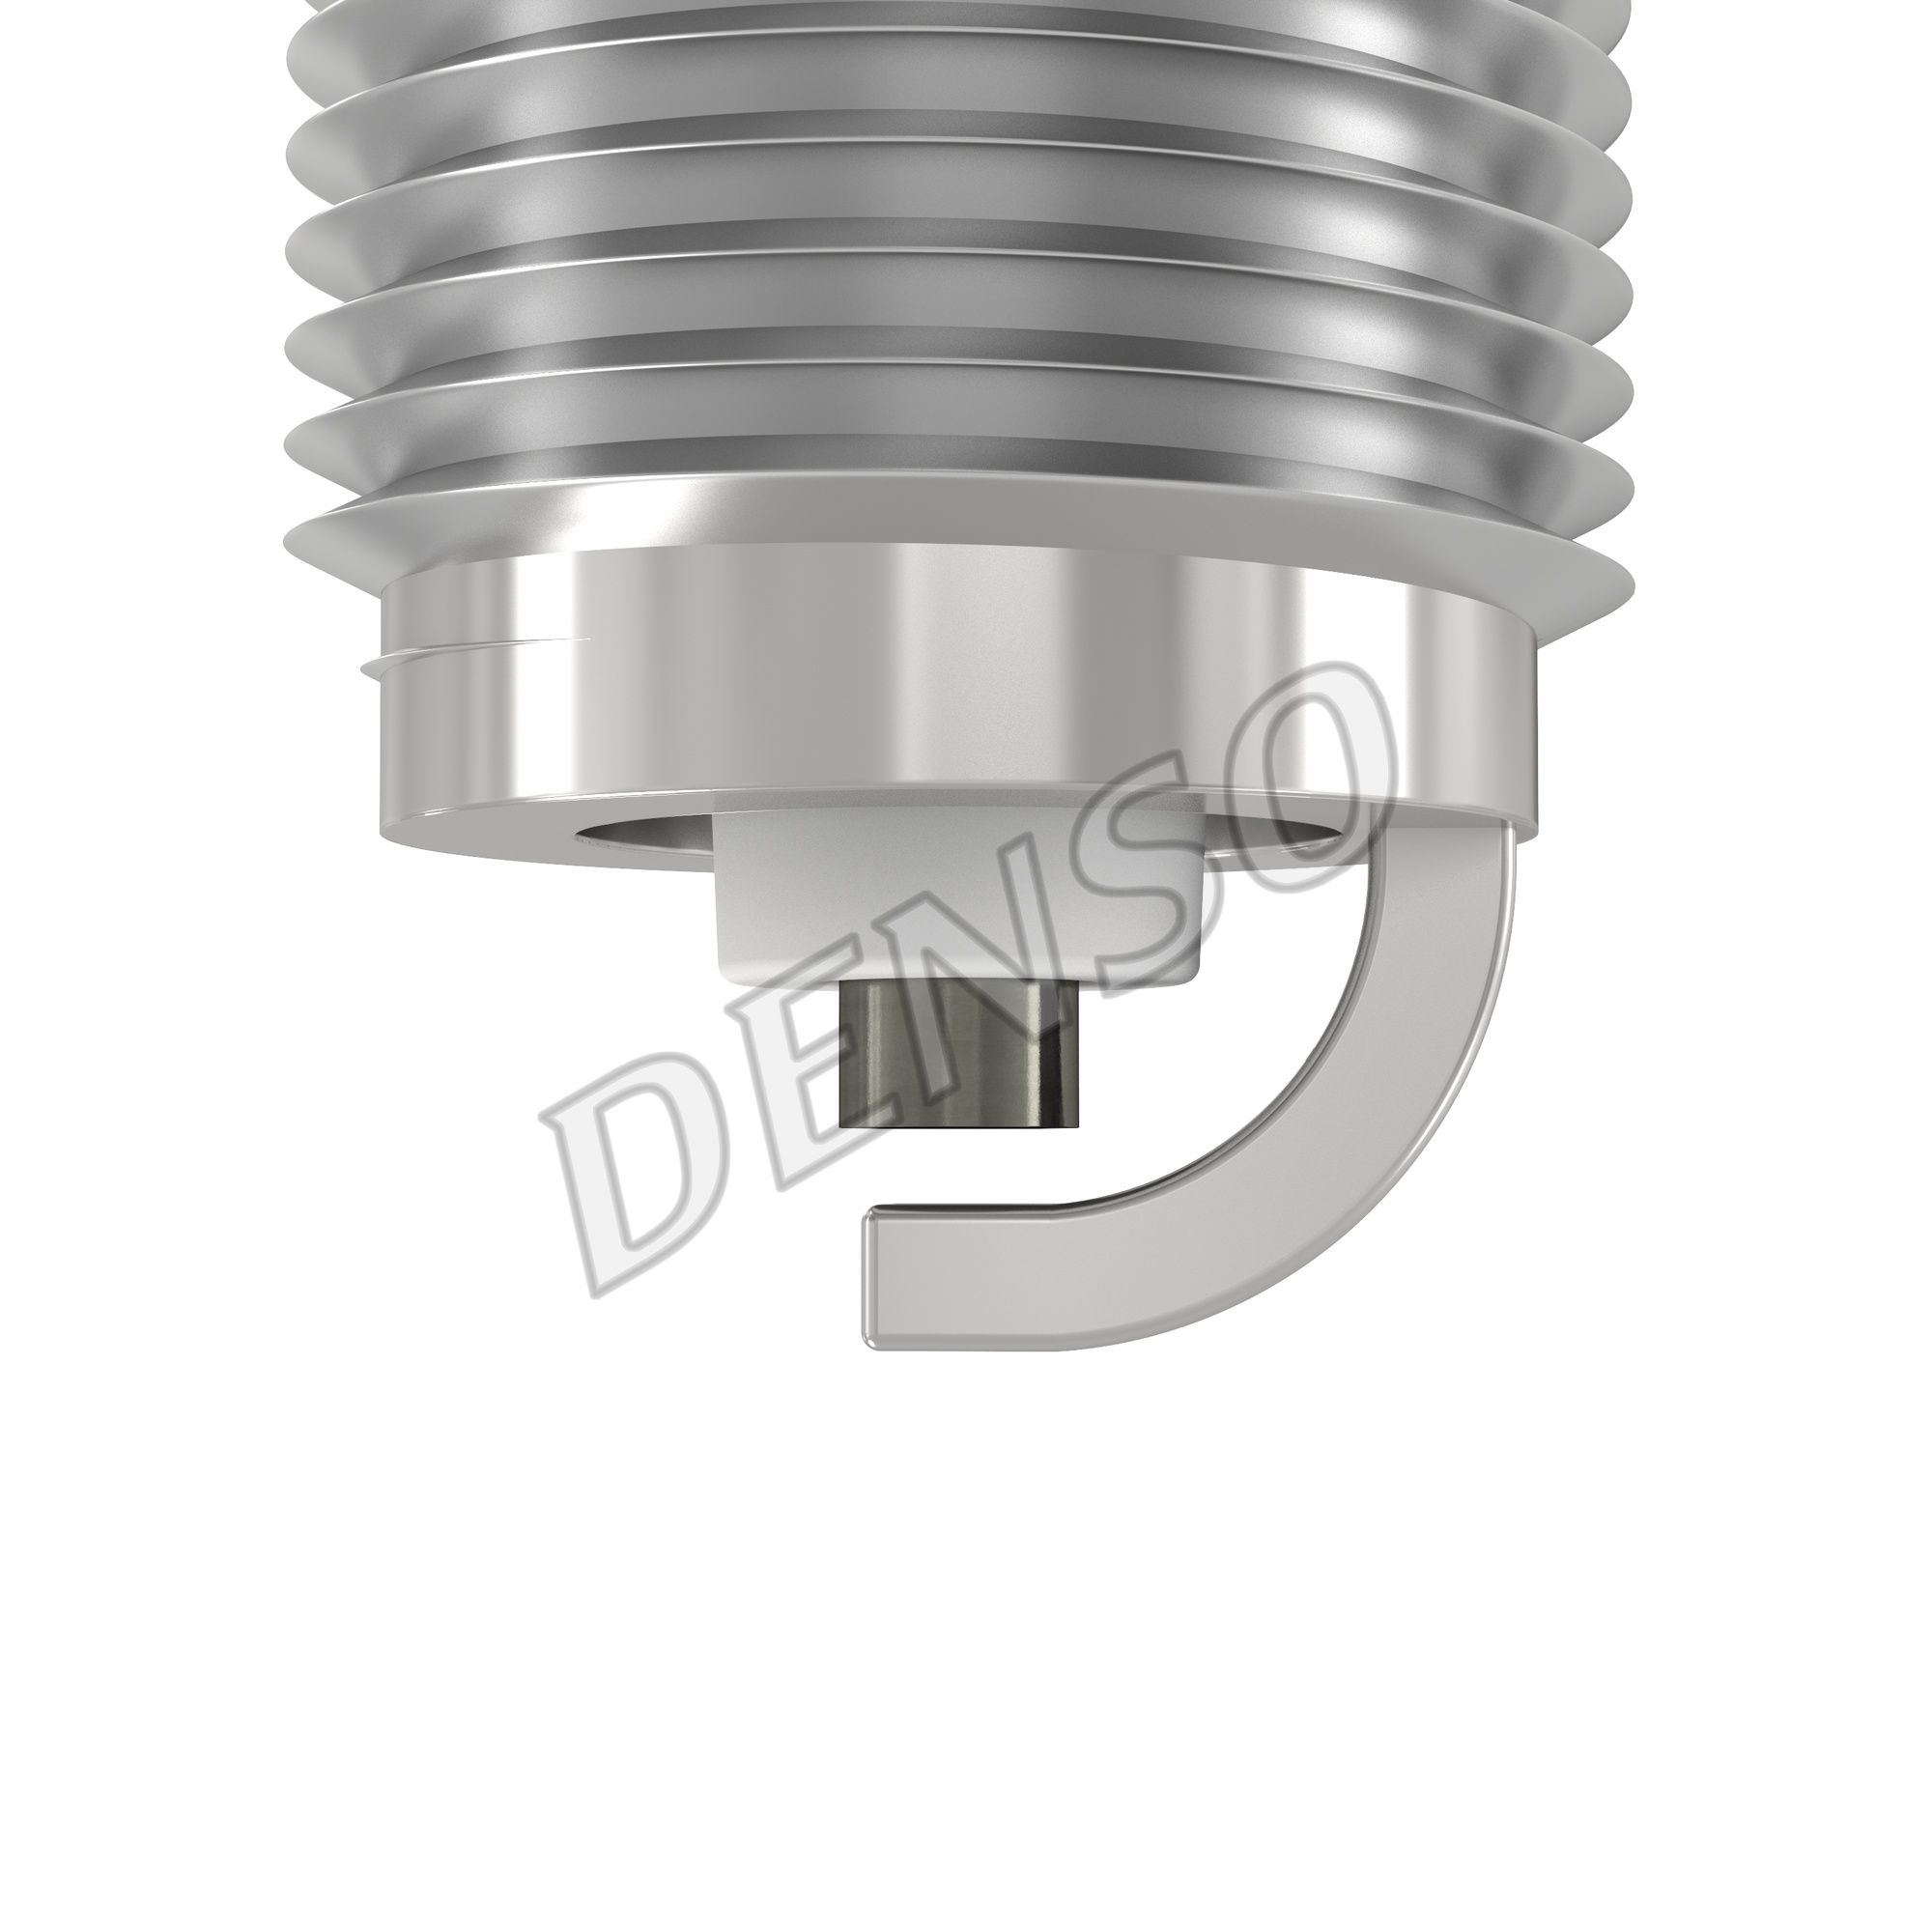 Запалителна свещ W20EPR-U DENSO 3047 в оригиналното качество